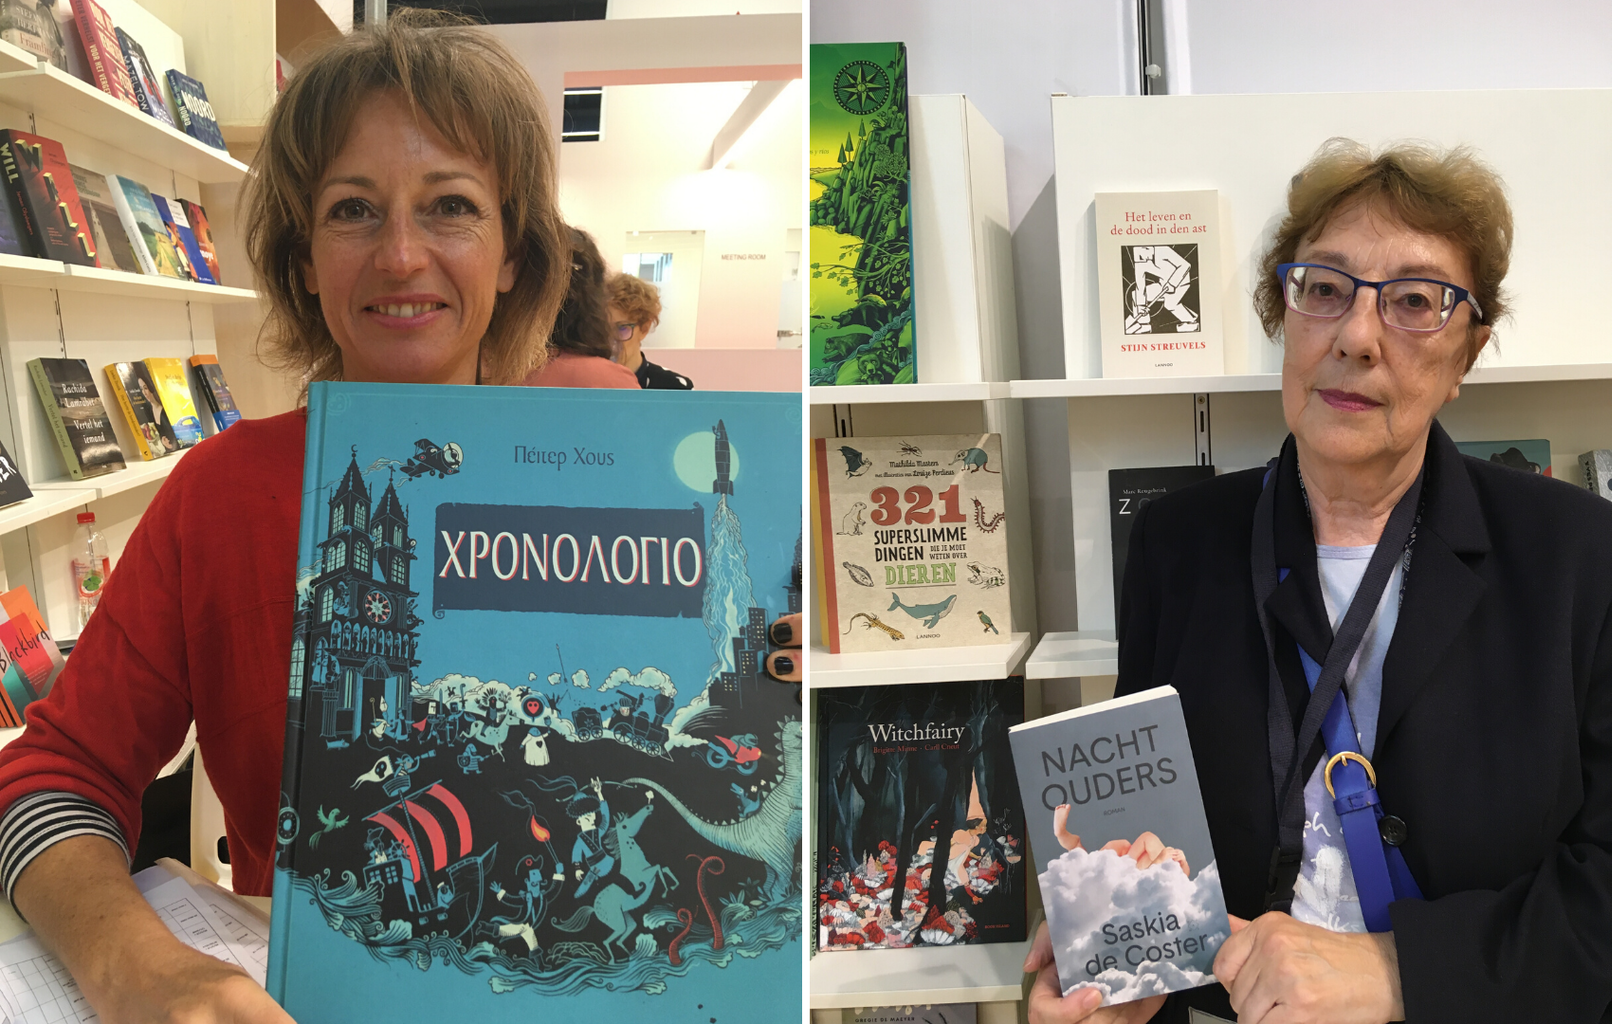 Paola Zagou (uitgeverij Patakis) met de Griekse 'Tijdlijn' van Peter Goes (links) en vertaalster Maja Weikert, die binnenkort 'Nachtouders' van Saskia De Coster in het Kroatisch vertaalt voor Hena Com (rechts)